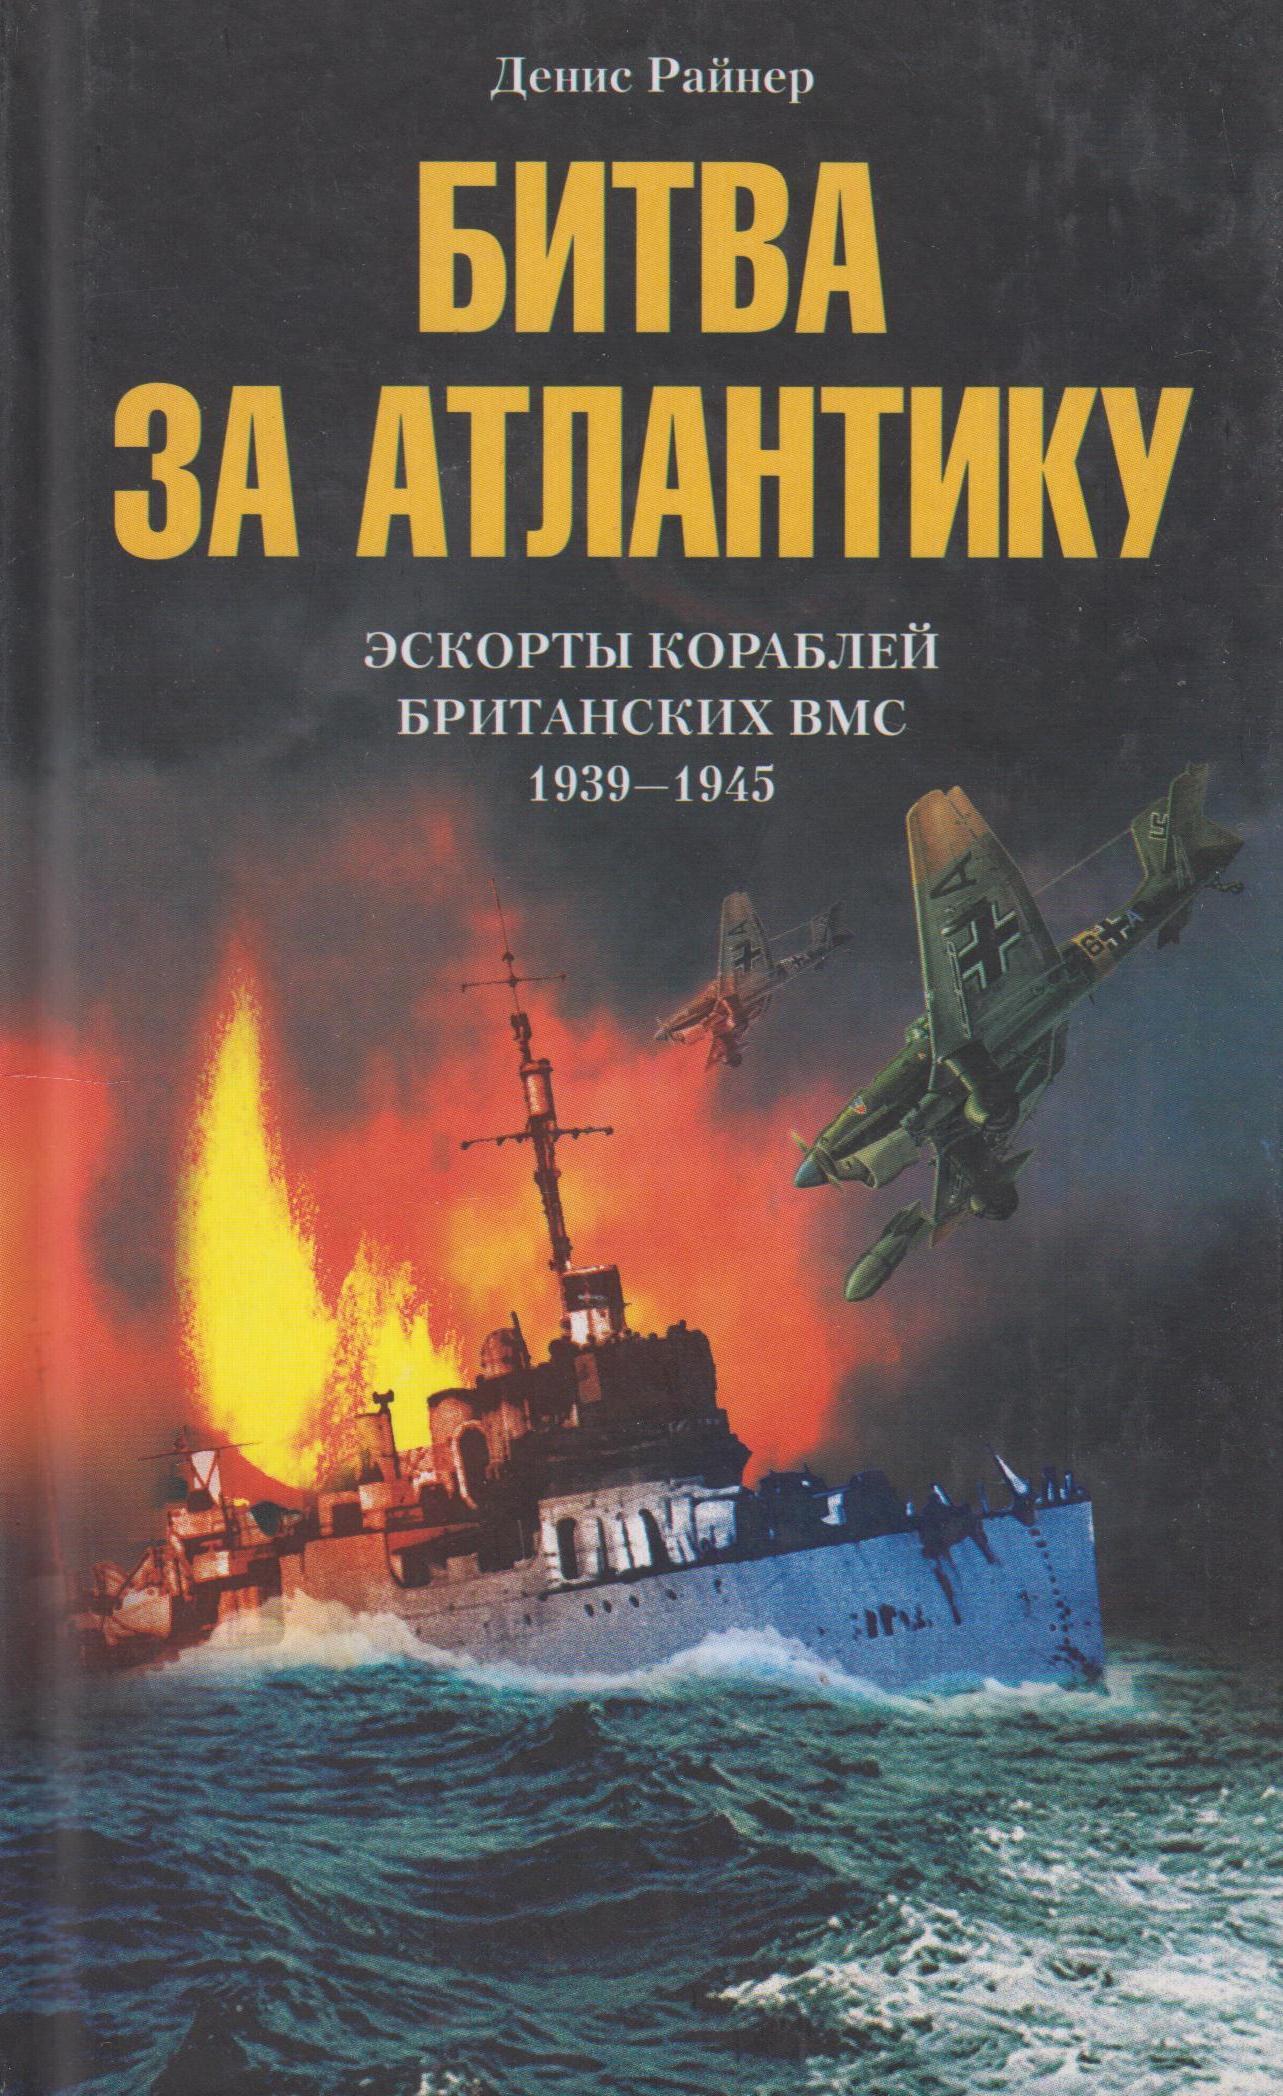 Райнер Денис Битва за Атлантику. Эскорты кораблей британских ВМС. 1939 - 1945